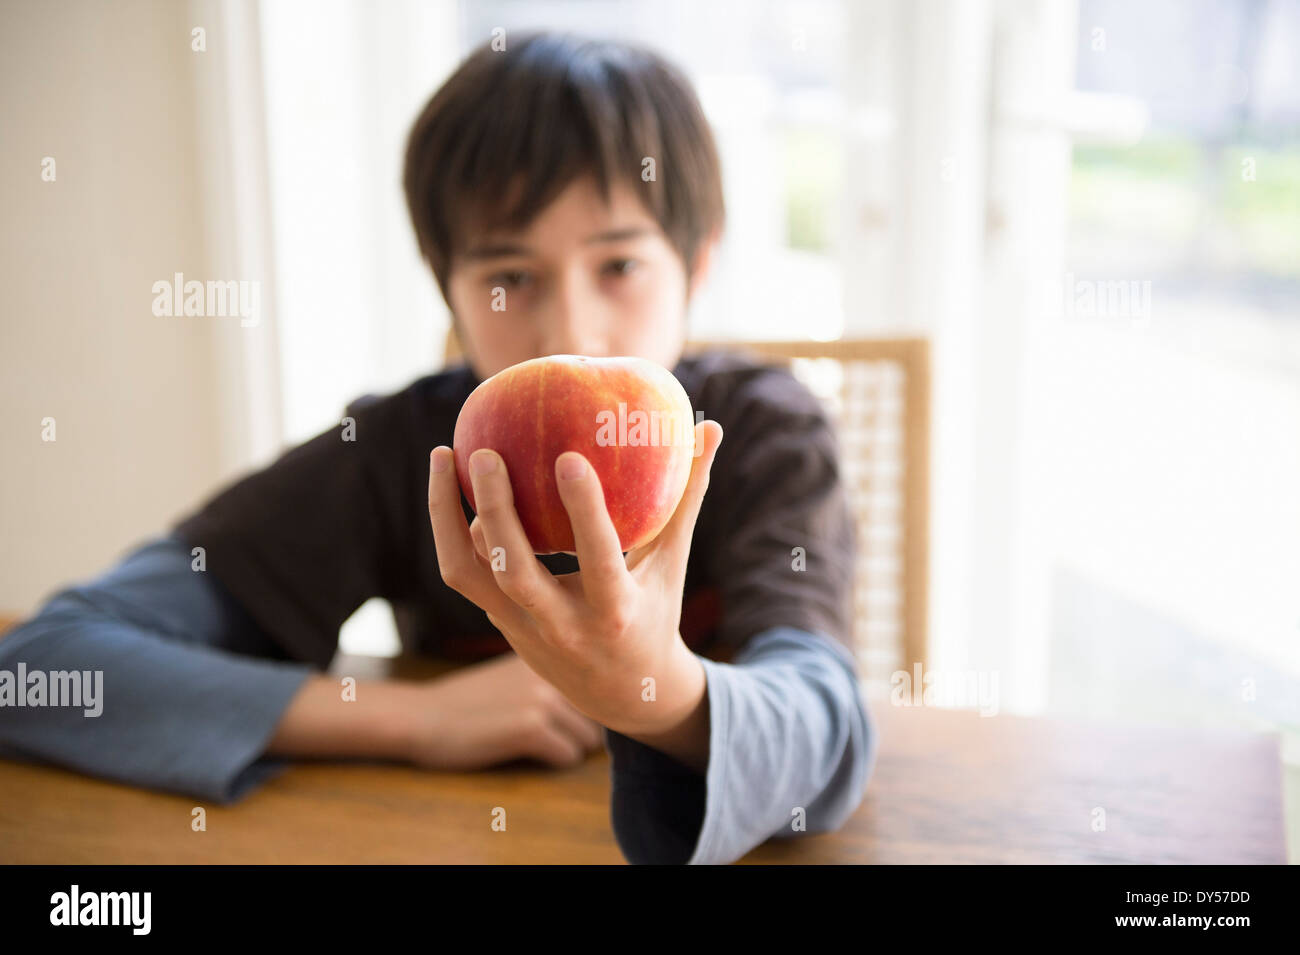 Muchacho sentado a la mesa, sosteniendo la manzana en frente de él Imagen De Stock